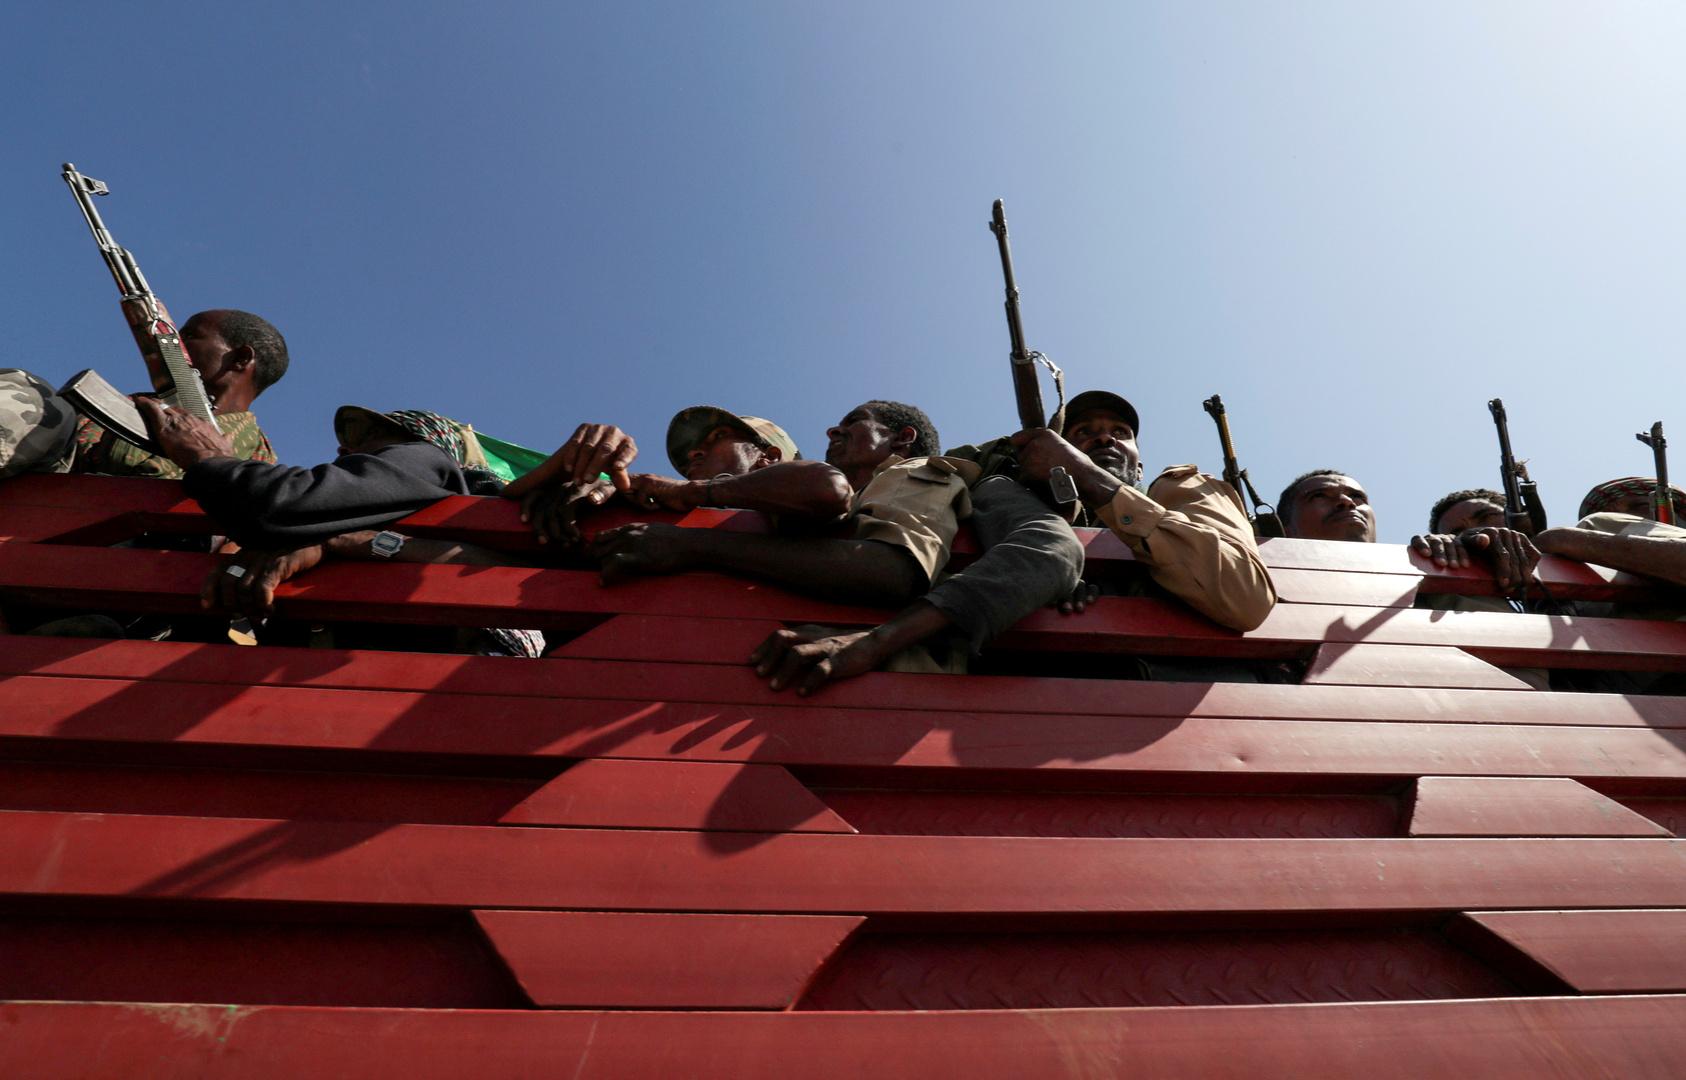 إثيوبيا تنفي خرق مقاتلة لها أجواء السودان وتحمل أفرادا في حكومة الخرطوم مسؤولية التصعيد